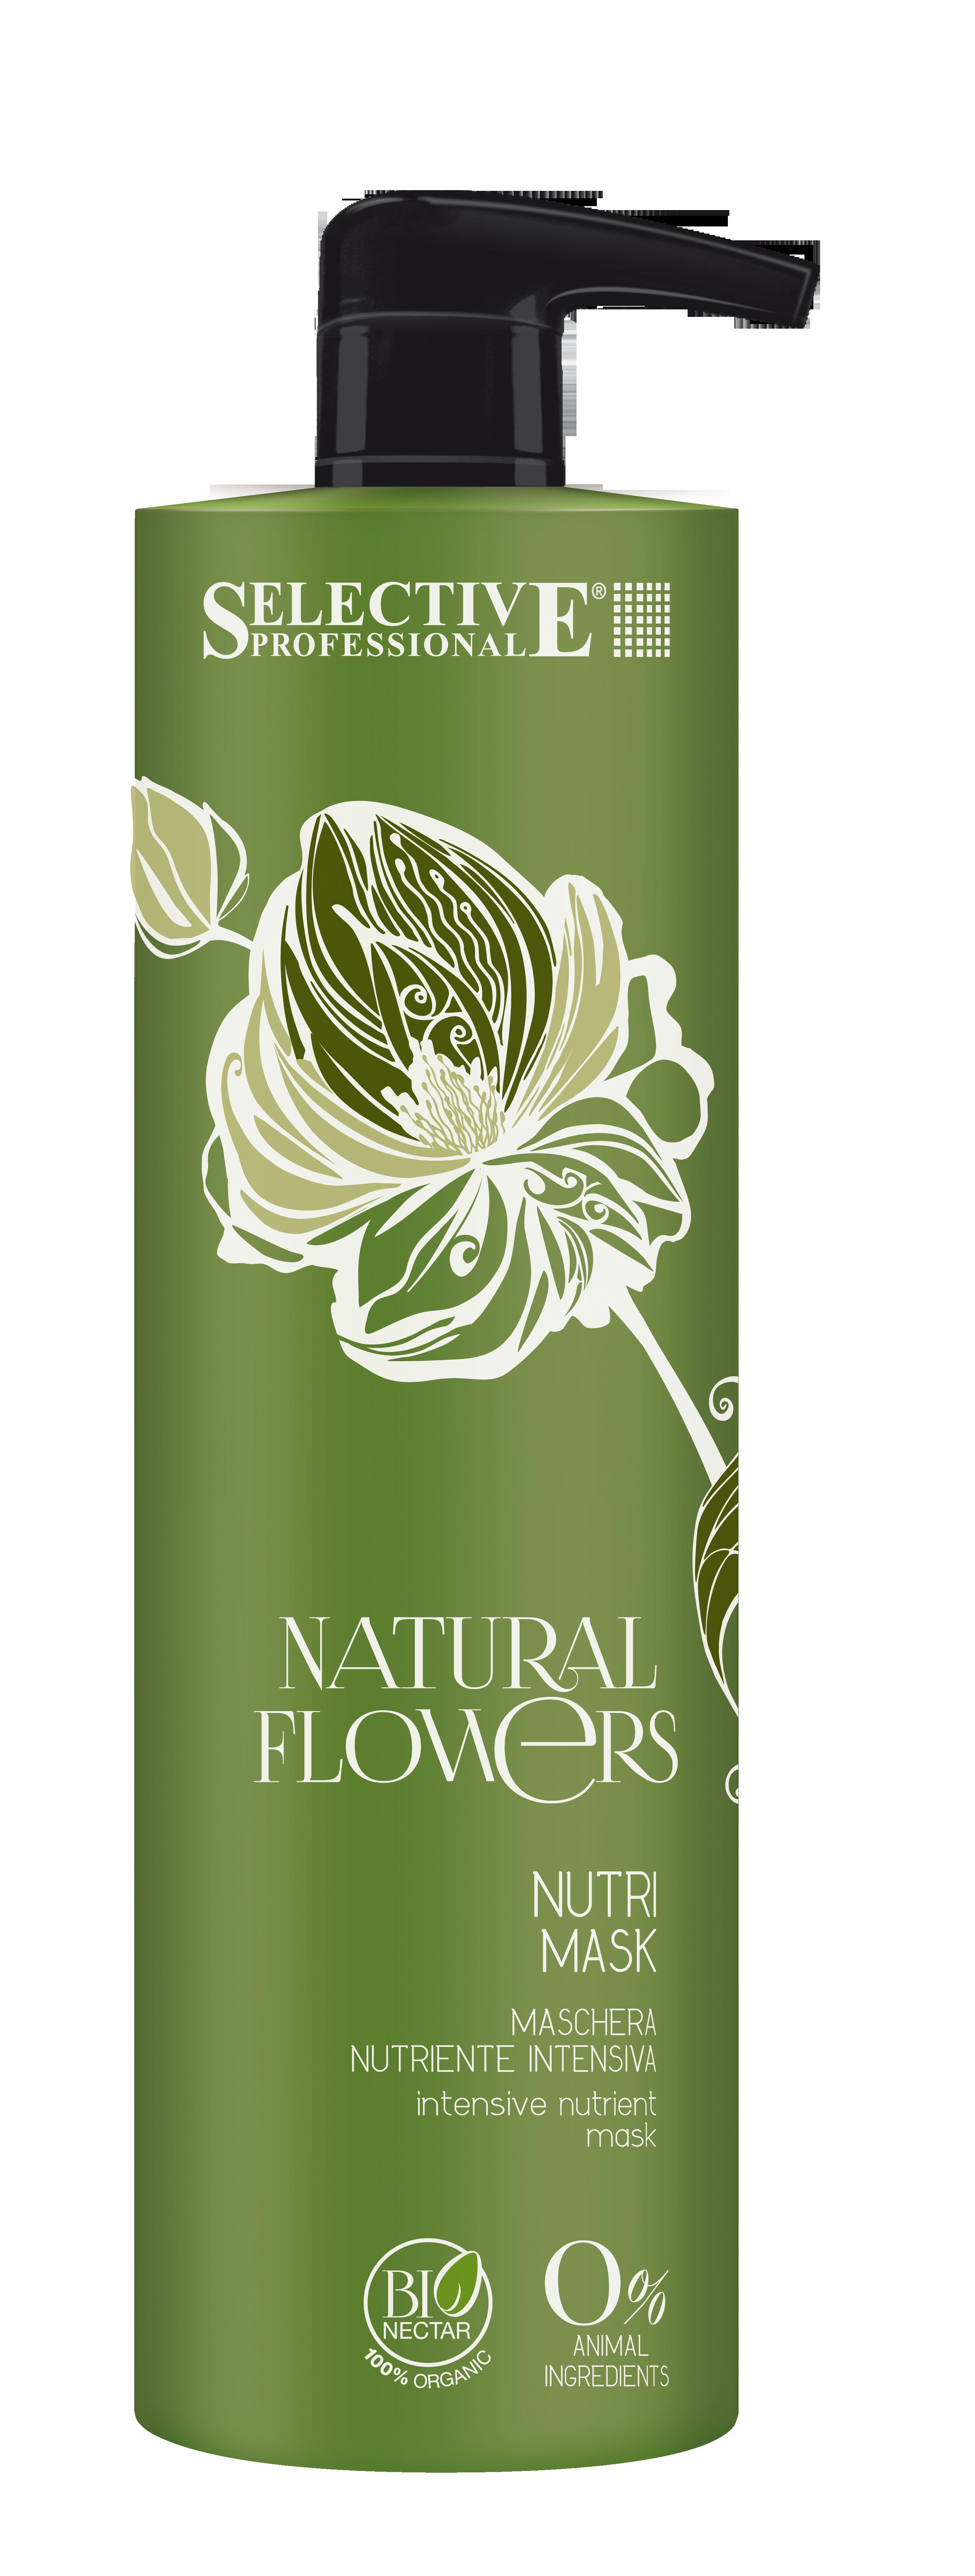 SELECTIVE PROFESSIONAL Маска питательная для восстановления волос / Nutri Mask Natural Flowers 1000 мл